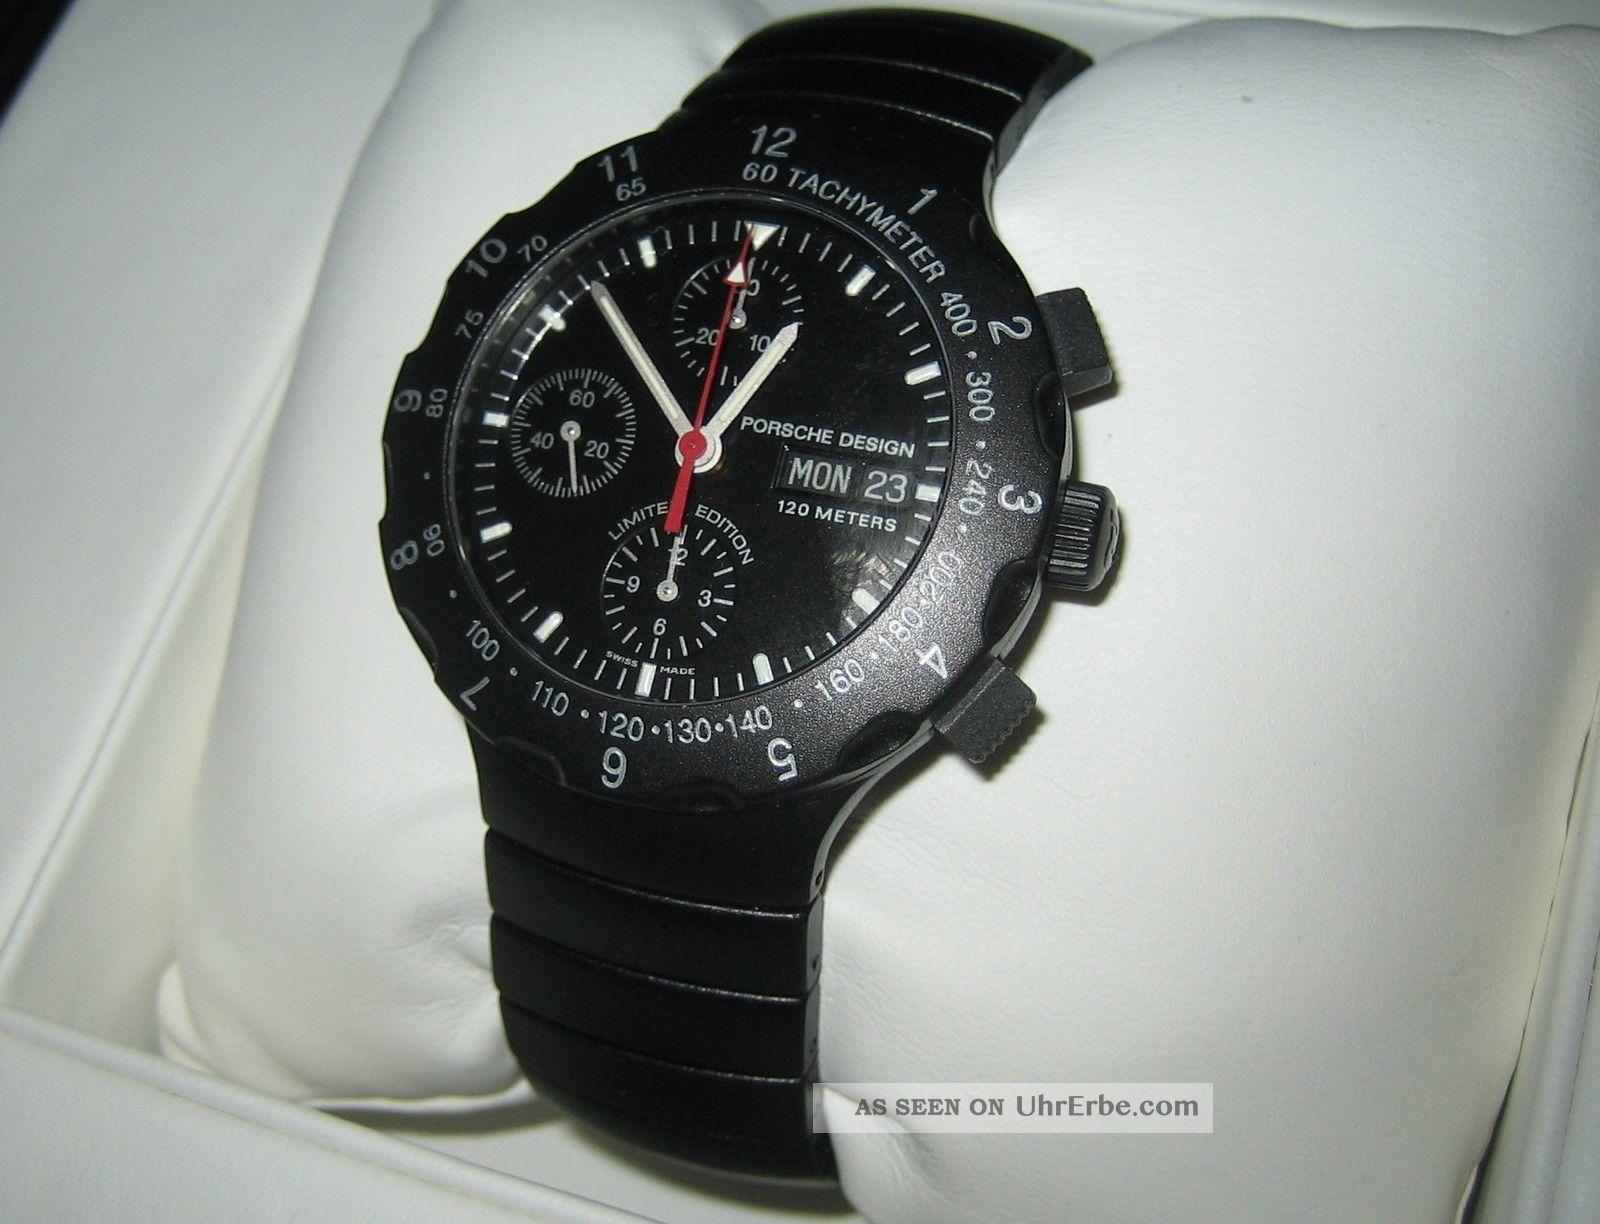 Eterna Porsche Design Titan Chronograph Schwarz 120m Und Absolut Armbanduhren Bild